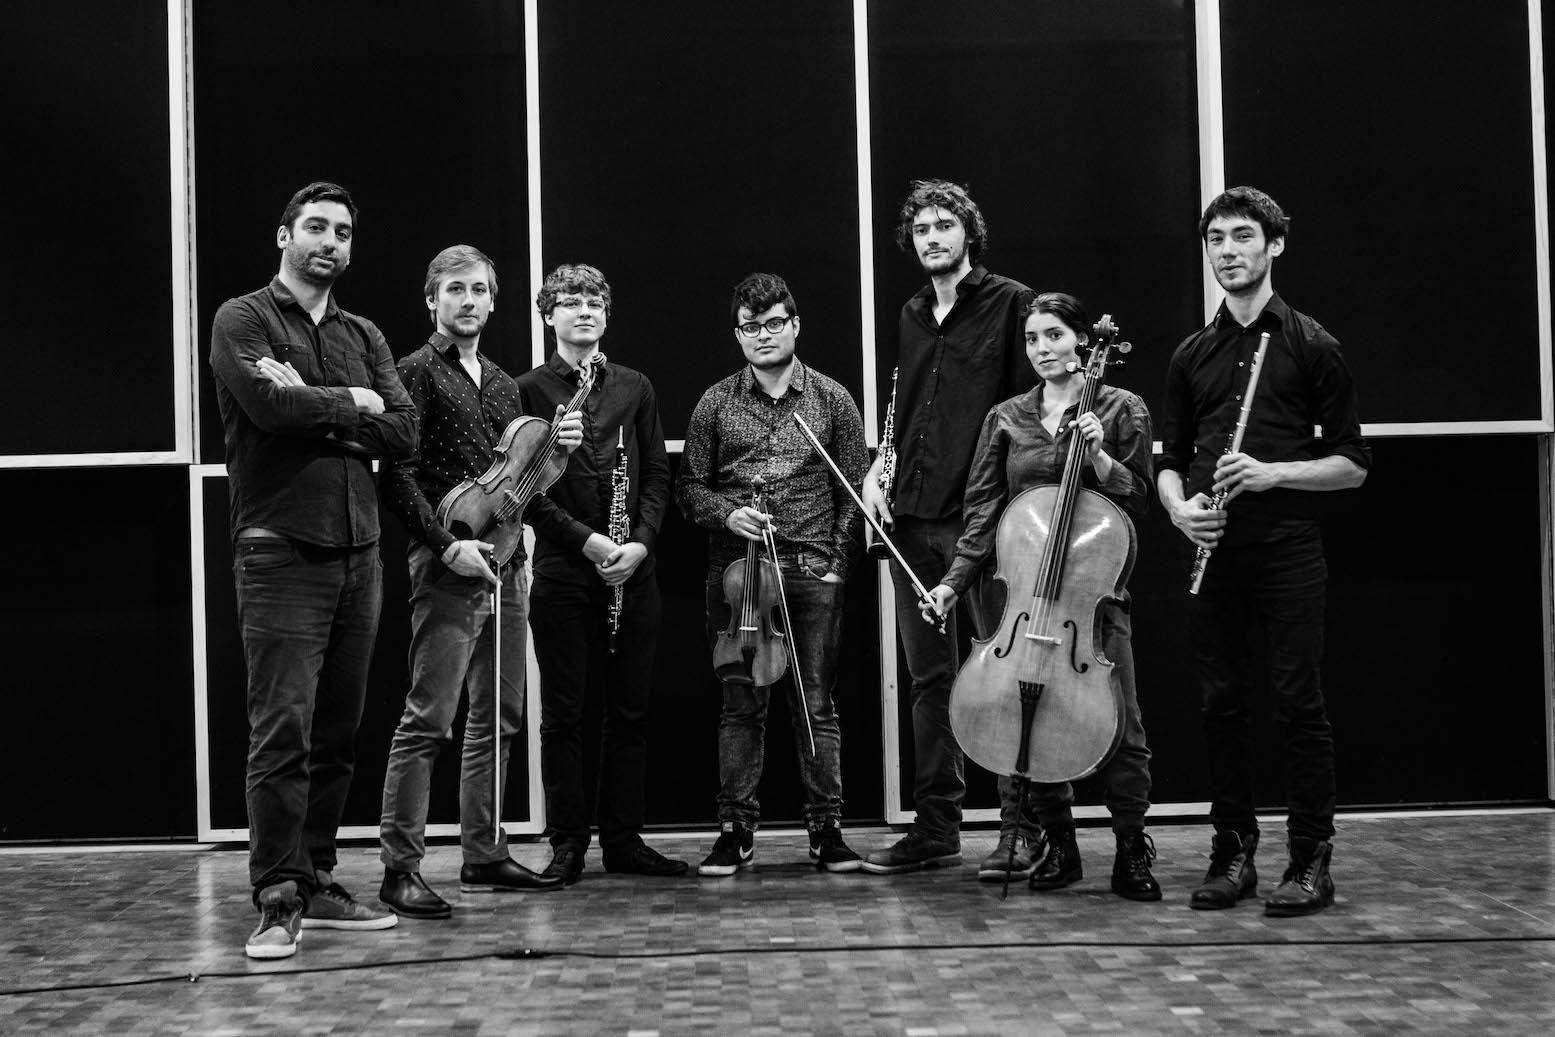 Mátyás-Szandai-Small-Ensemble_04